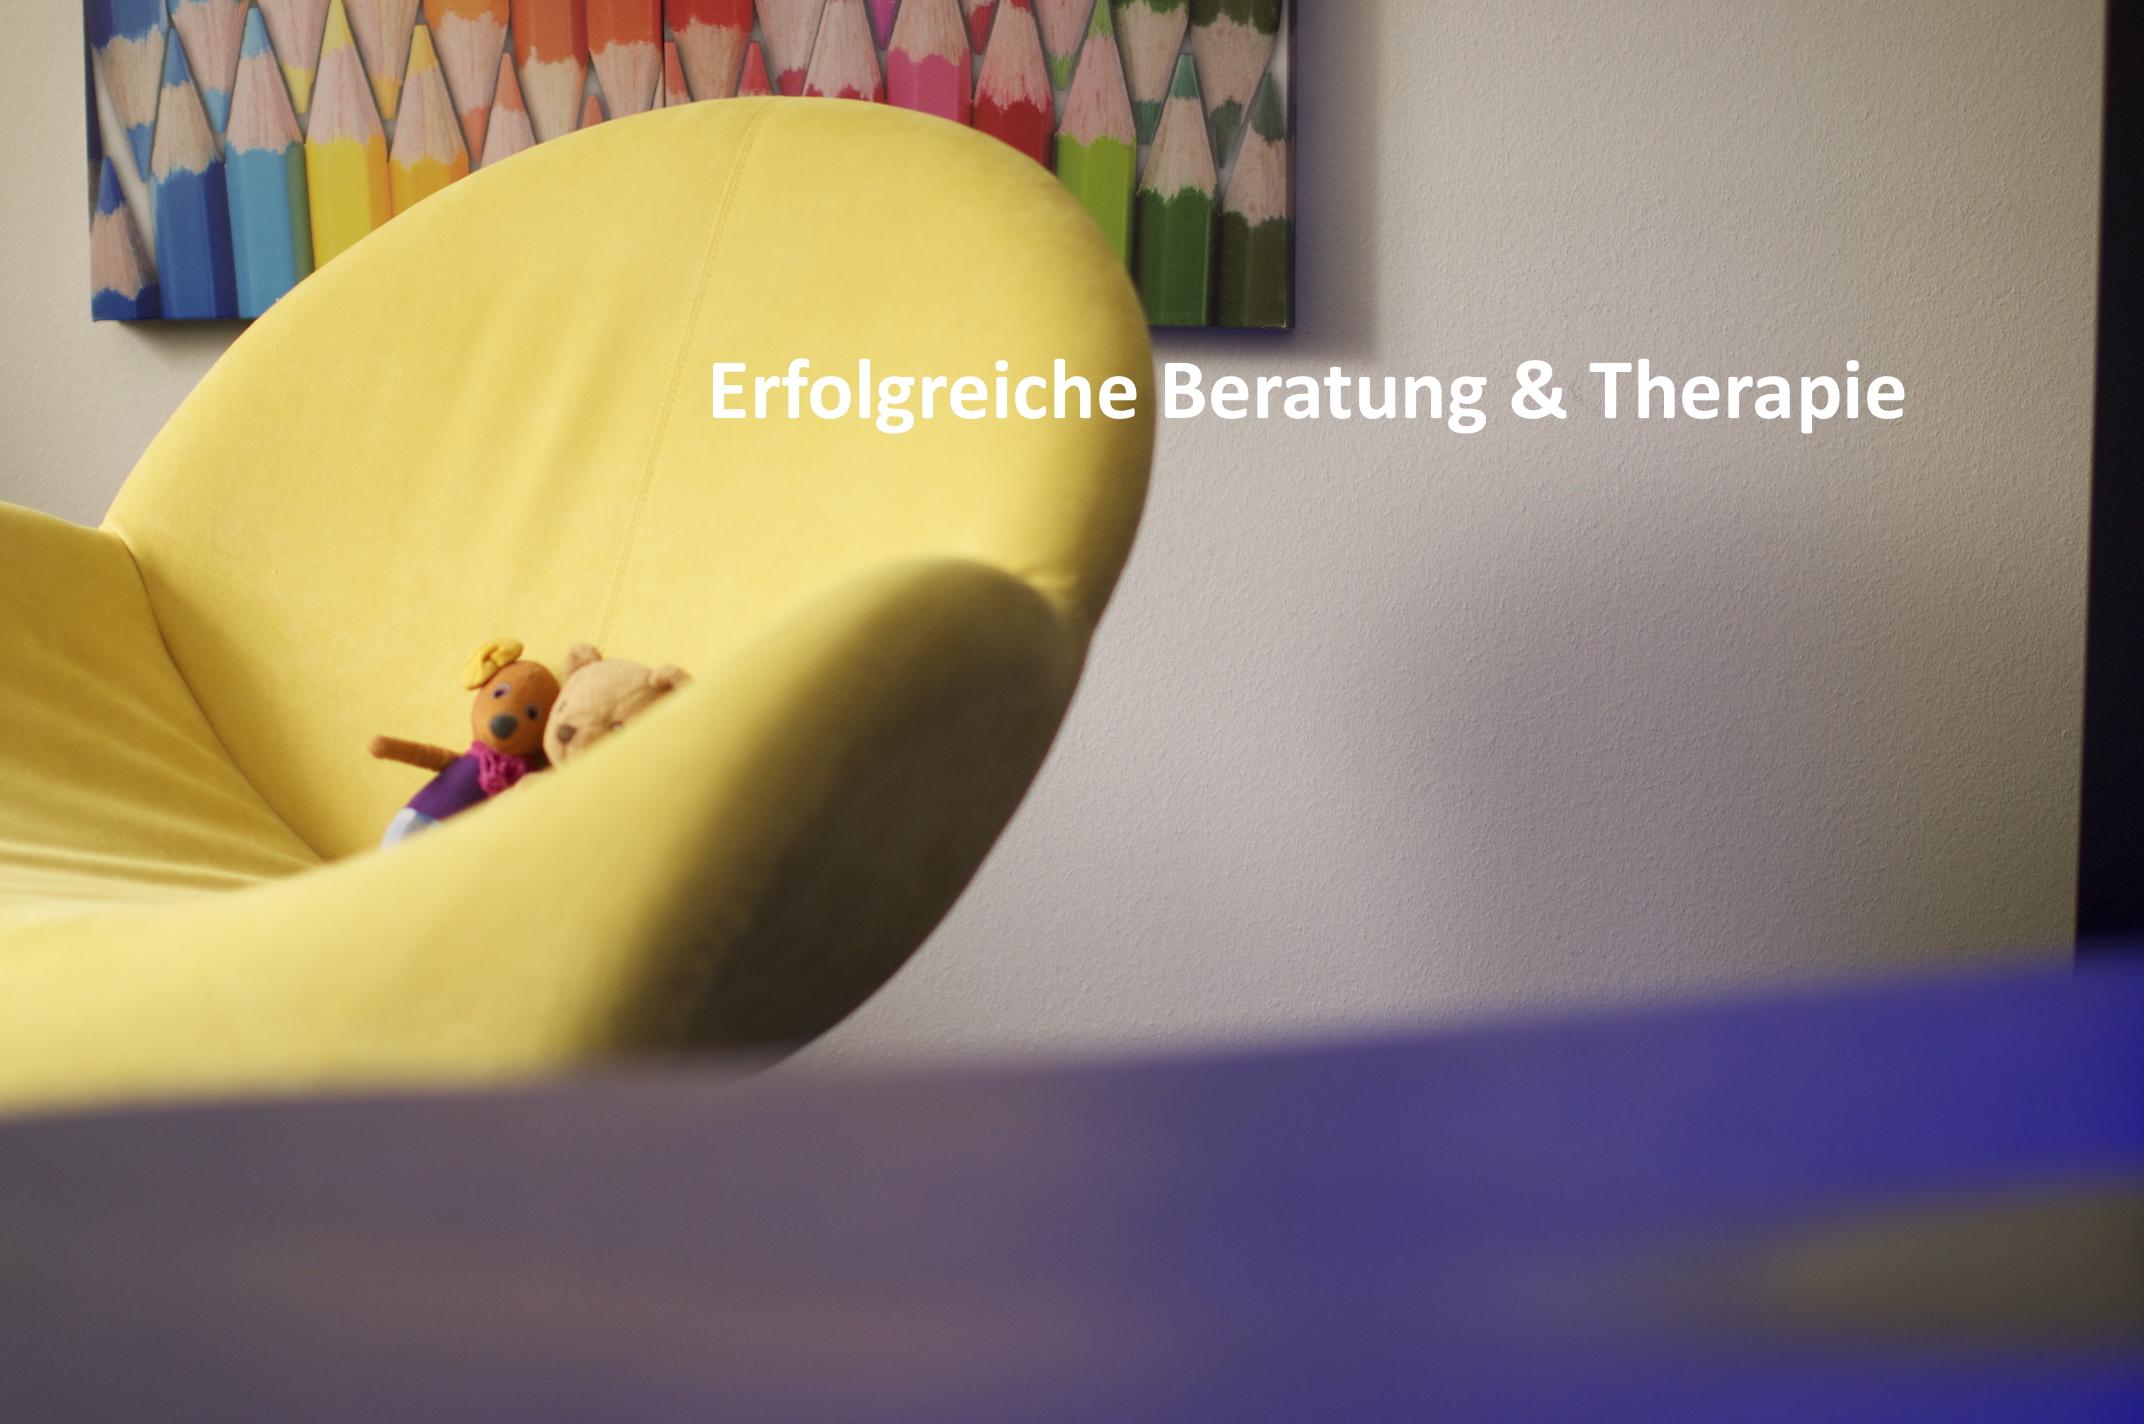 Erfolgreiche-Beratung-Therapie